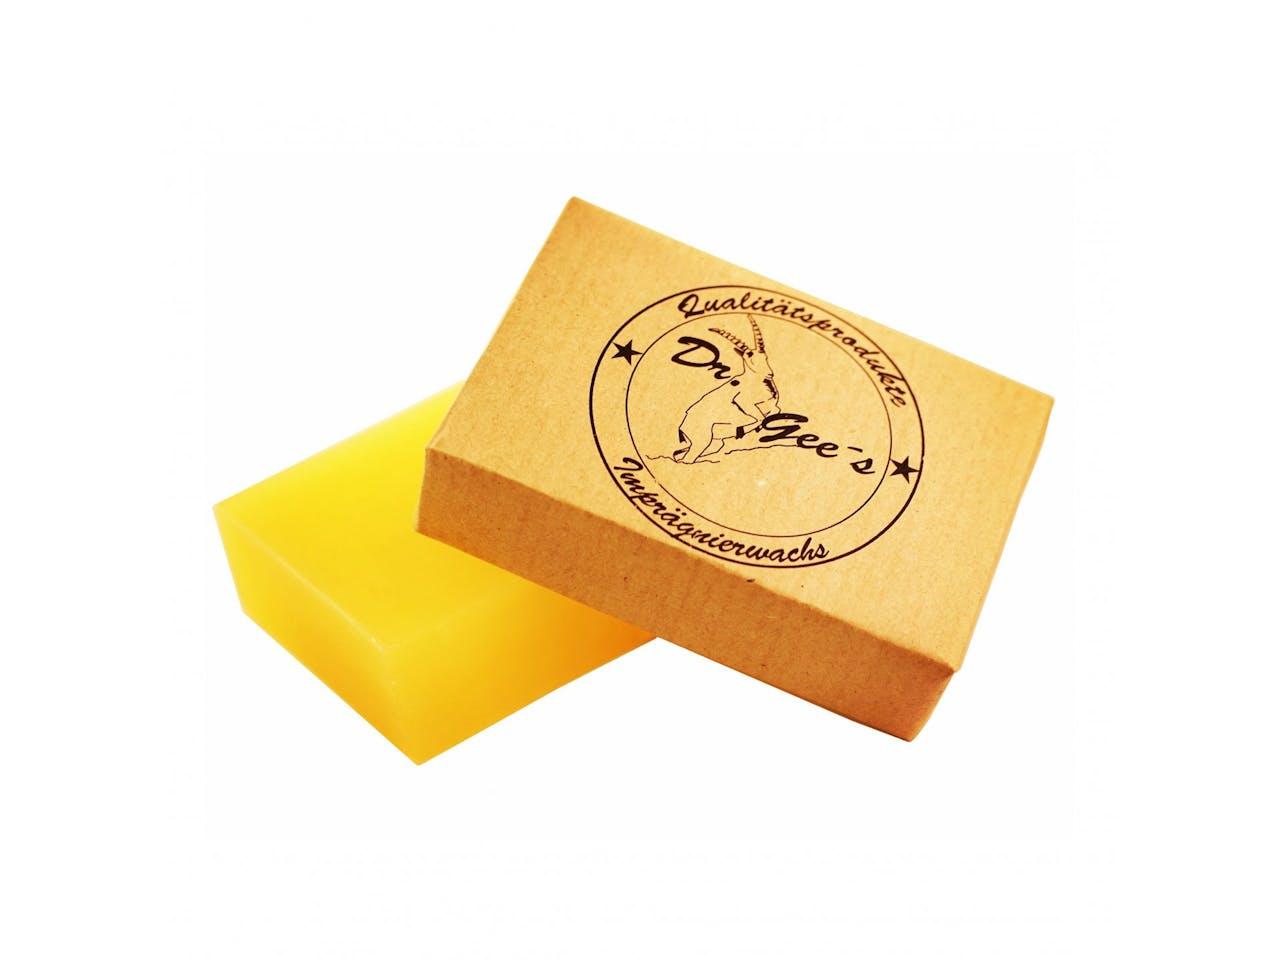 Dr.Gee's Imprägnierwachsblock für Baumwolle, Bienenwachs, Paraffin, lebensmittelecht, 100 g